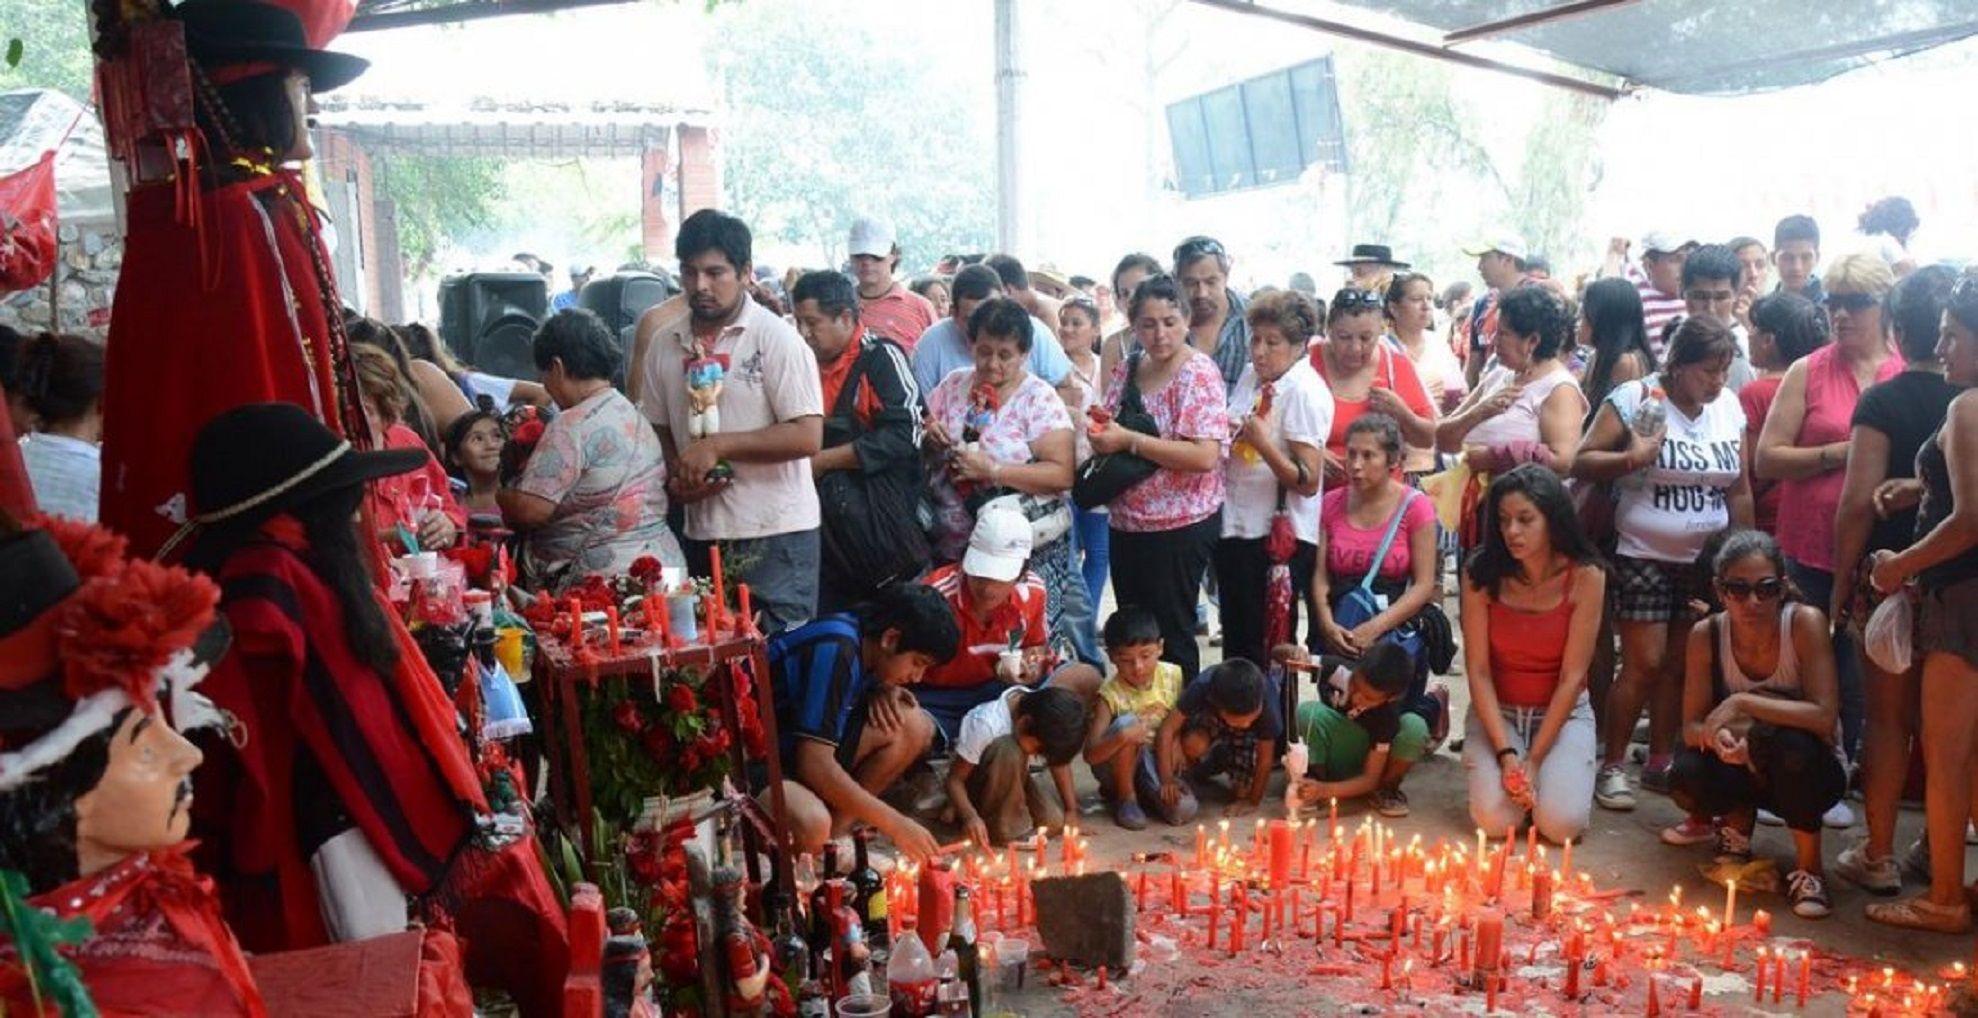 Robos, tiros y muerte: quién fue el Gauchito Gil, el santo de los delincuentes